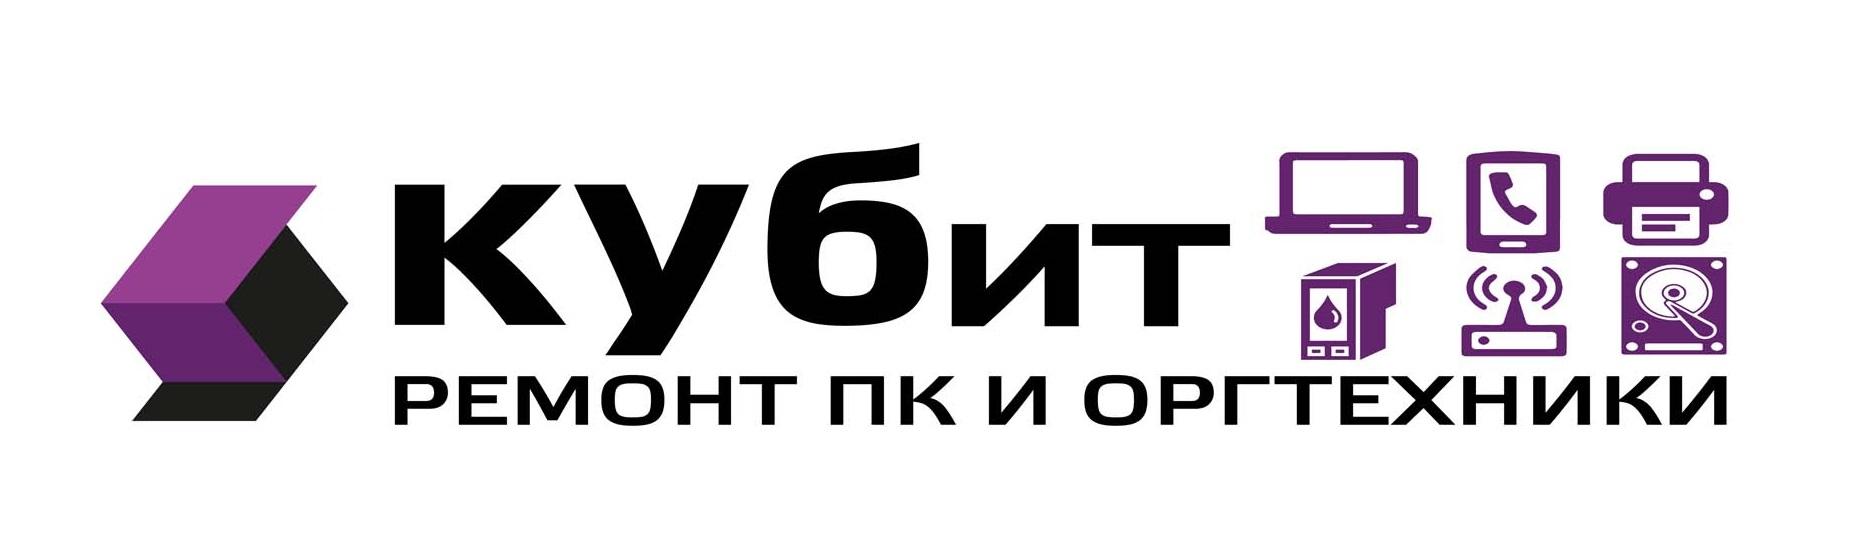 Диагностика, ремонт принтеров в Санкт-Петербурге – компания «КУБит» к вашим услугам